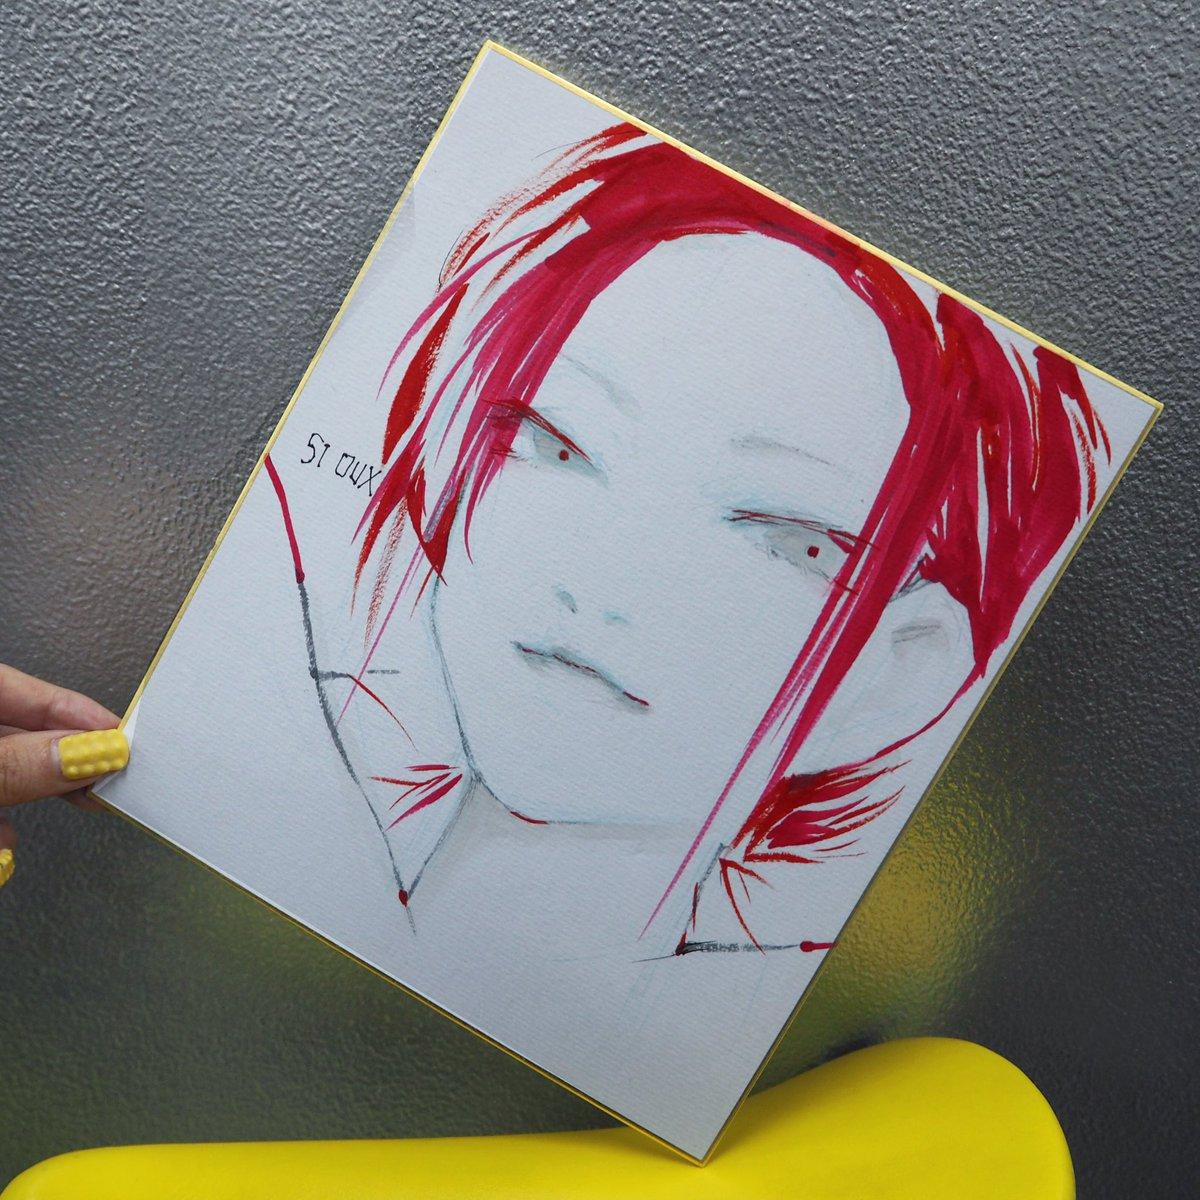 スイさんに無理言って描いてもらった!最高だ、最高です。 #石田スイ #tokyoghoul #東京喰種 https://t.co/CW6zCFnXxo